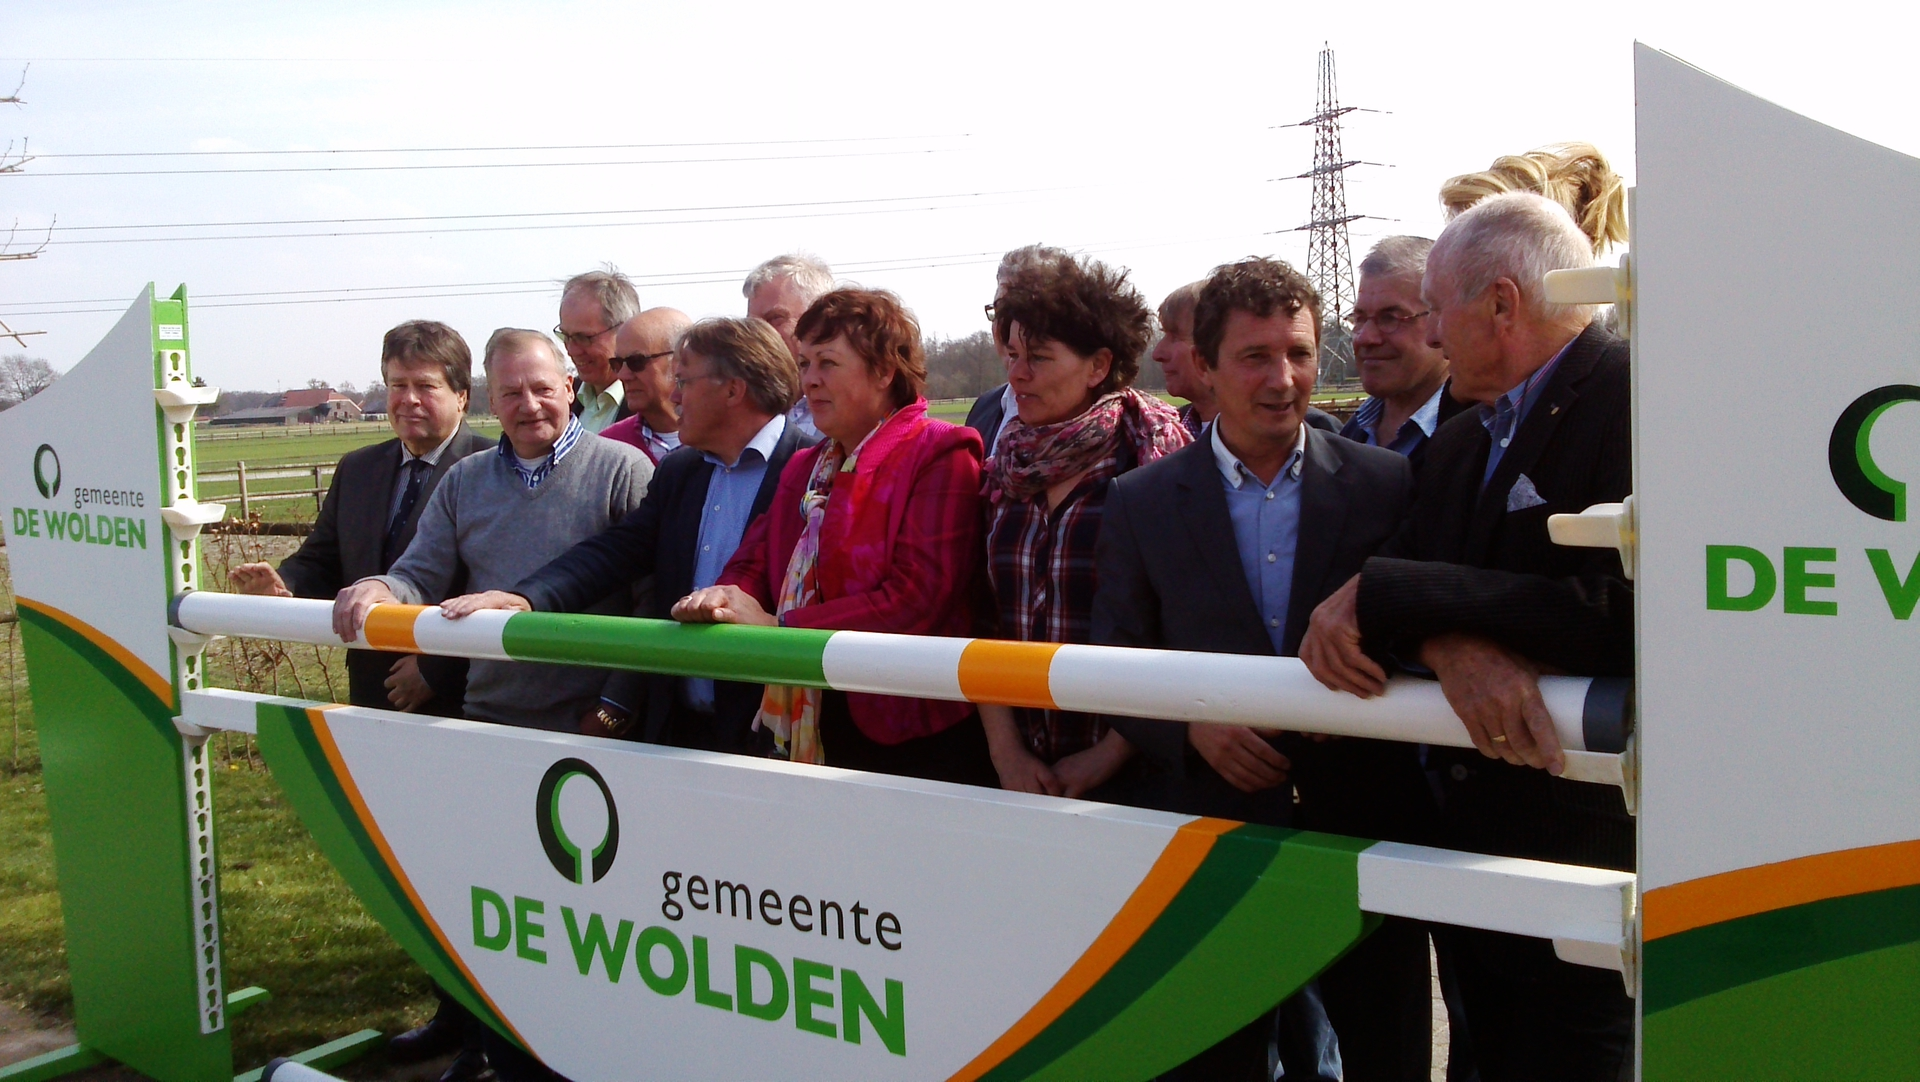 Hippische evenementen in De Wolden gaan gezamenlijk optrekken